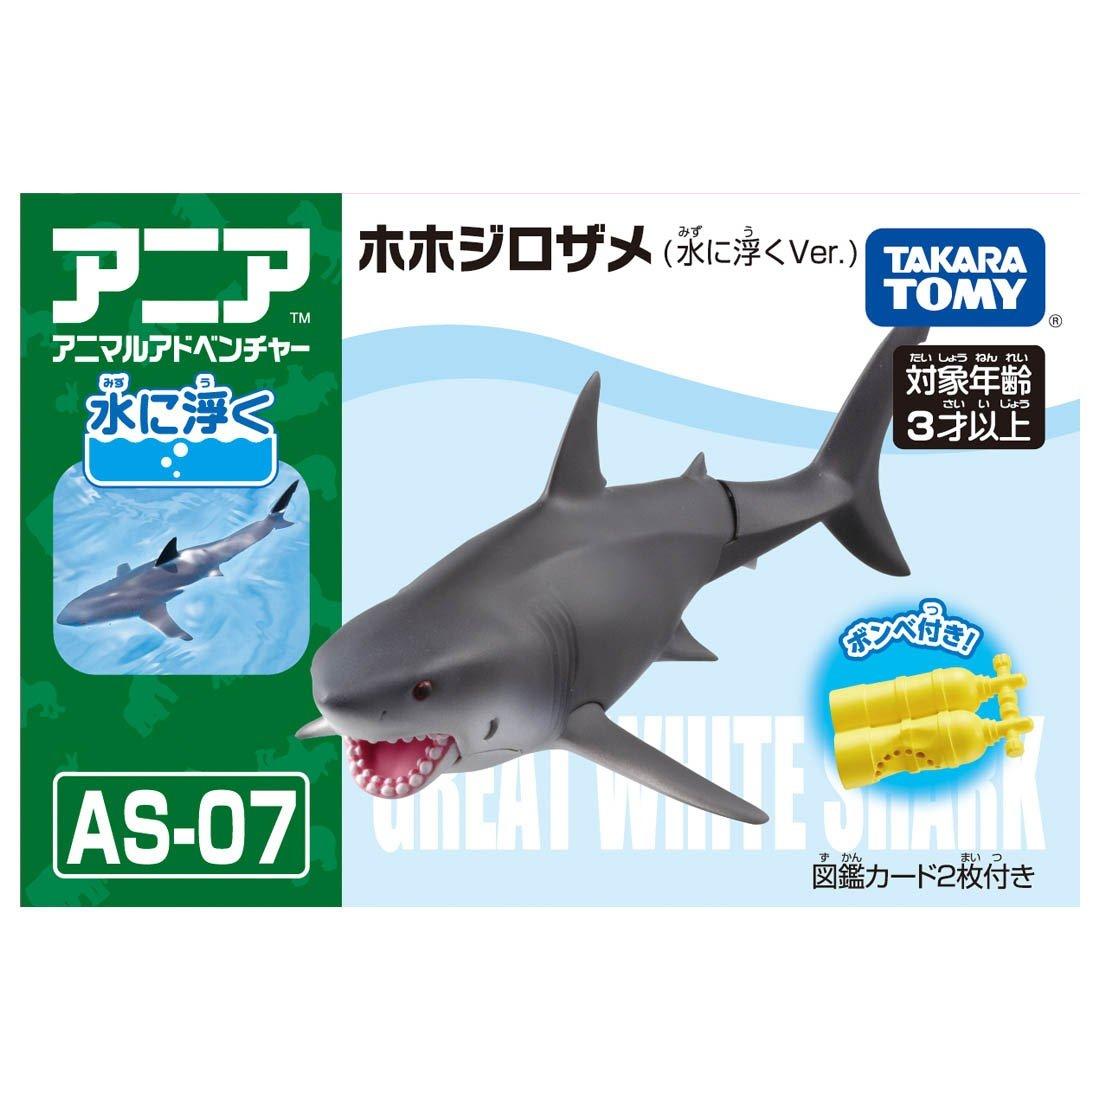 TOMY 動物模型 AS-07 大白鯊 (飄浮版)